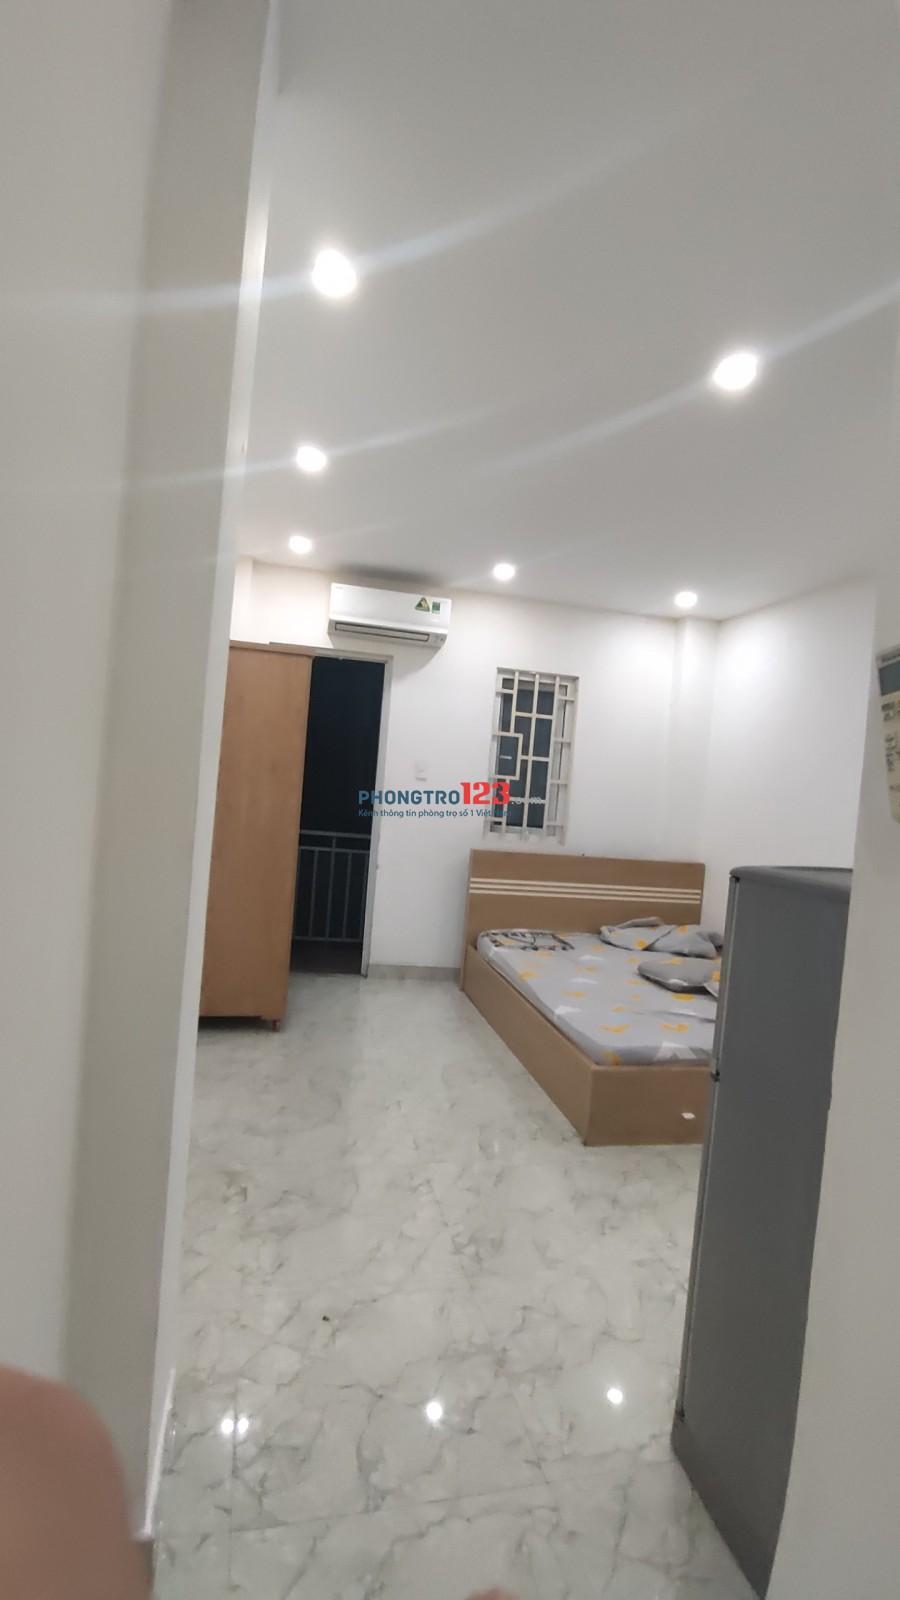 Cho thuê Căn hộ mini đường Nguyễn Cửu Vân, ngay ĐH Kinh tế tài chính,ĐH Hồng Bàng, chỉ 3.8 triệu/tháng